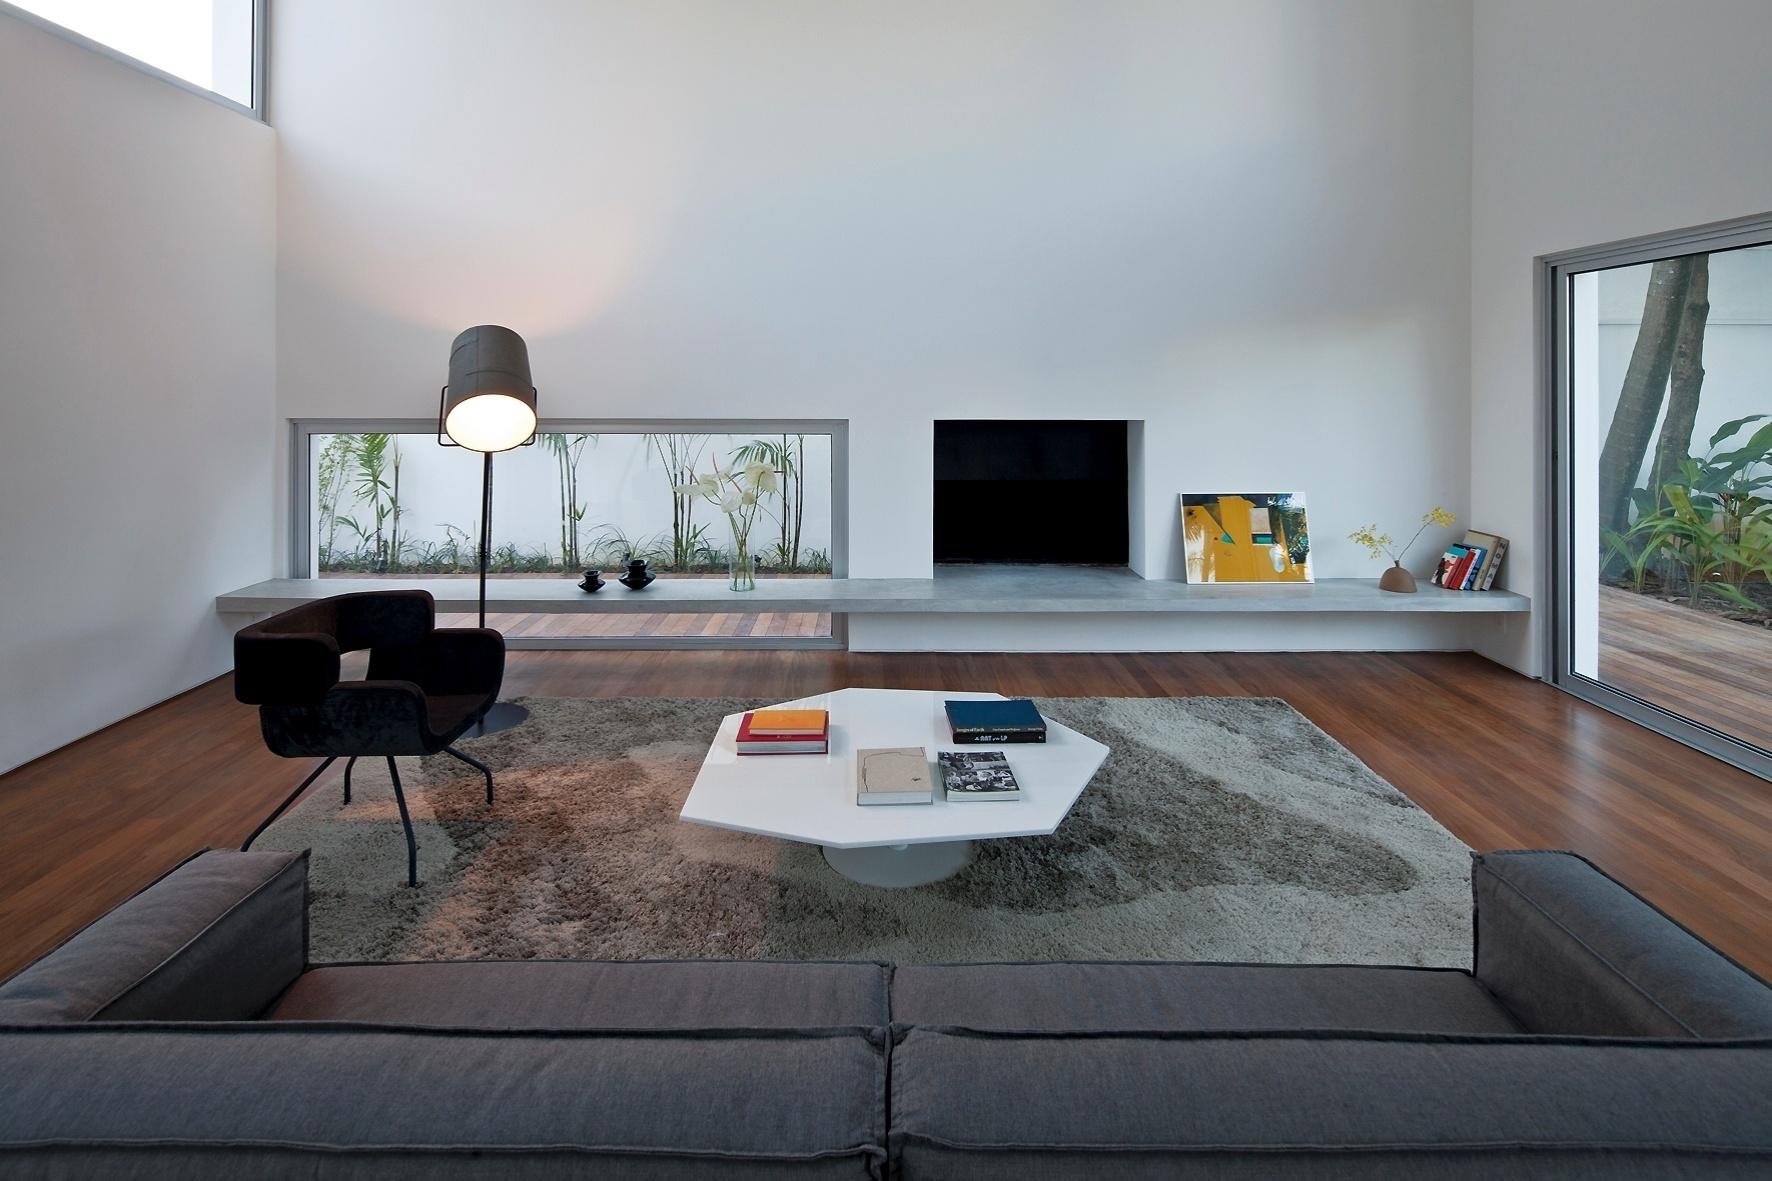 Na sala de estar - que ocupa o lugar da antiga garagem, no piso mais baixo da Casa dos Pátios - a decoração conta com móveis do Estúdio Bola e uma luminária de piso Fork, da Lumini. A abertura (à dir.) serve de espaço para lareira. O projeto arquitetônico é do escritório AR Arquitetos